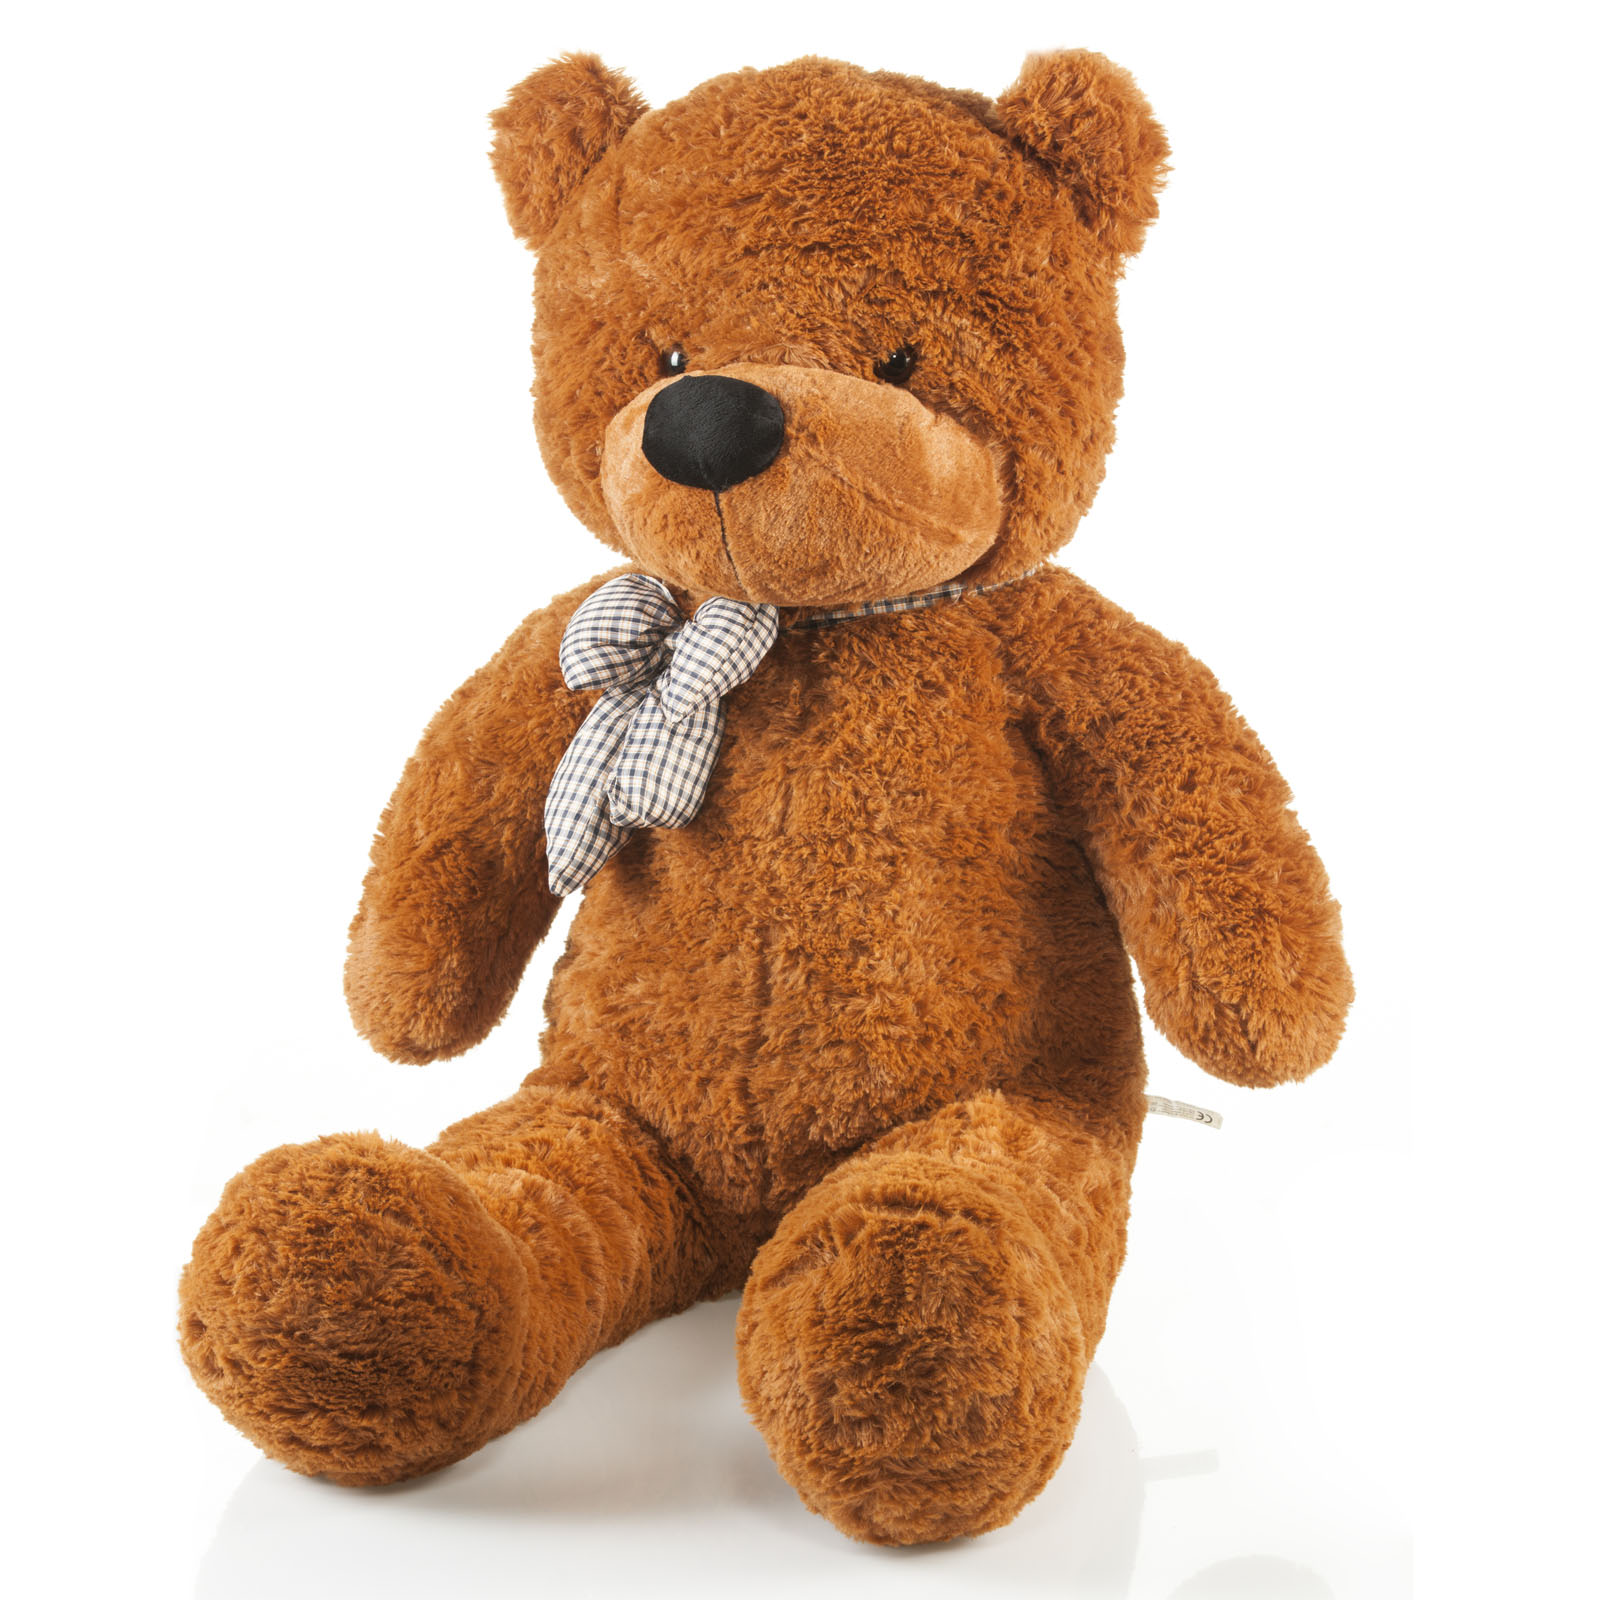 riesen teddyb r xxl gro er kuschelb r teddy b r pl schb r aus pl sch 120cm ebay. Black Bedroom Furniture Sets. Home Design Ideas